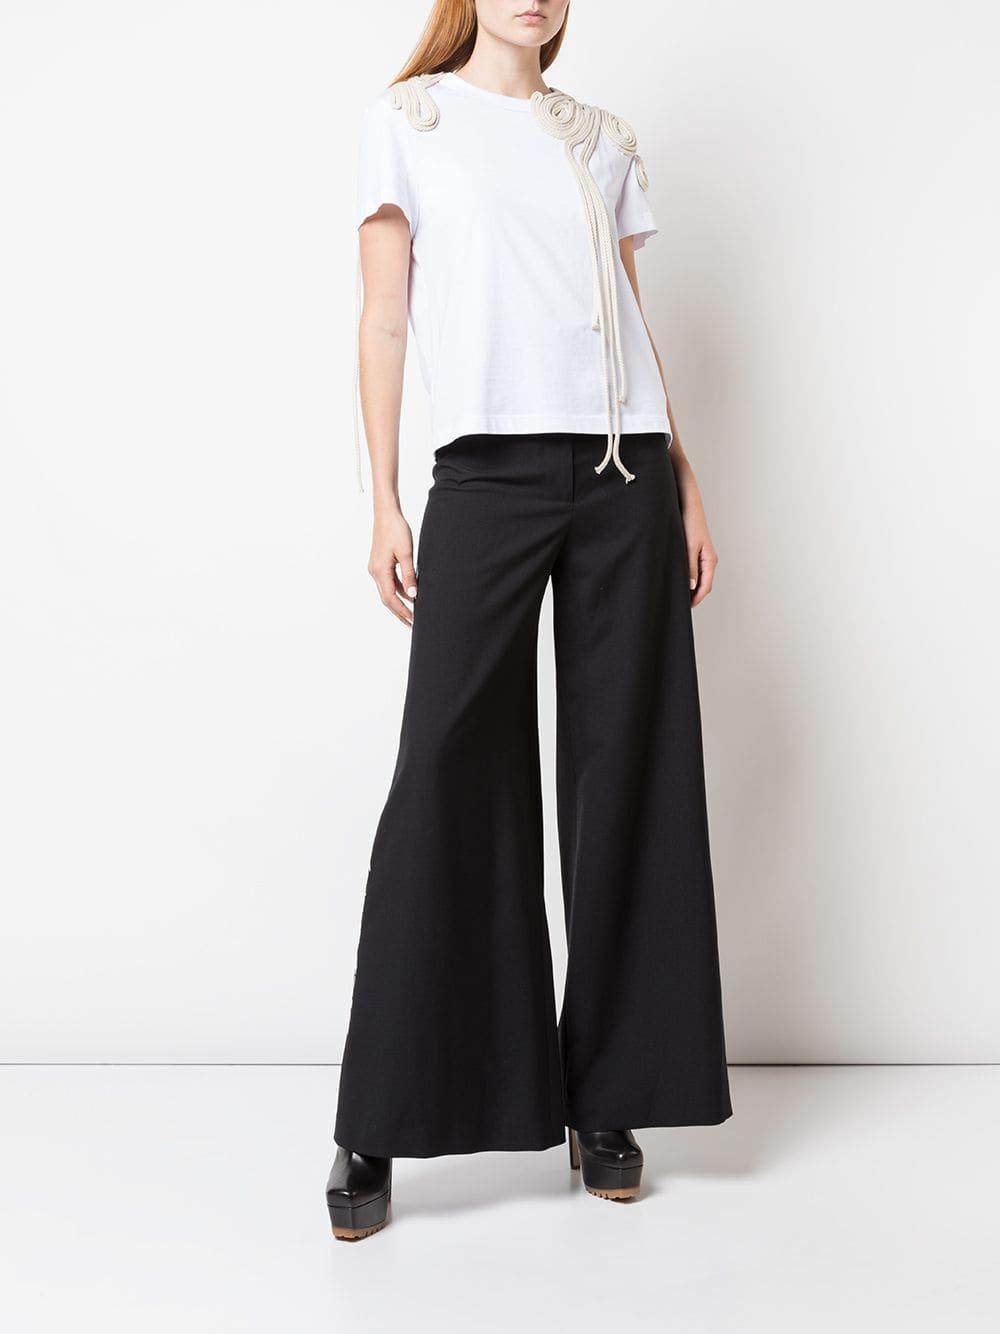 Camiseta con bordado de cuerdas Vera Wang de Algodón de color Blanco